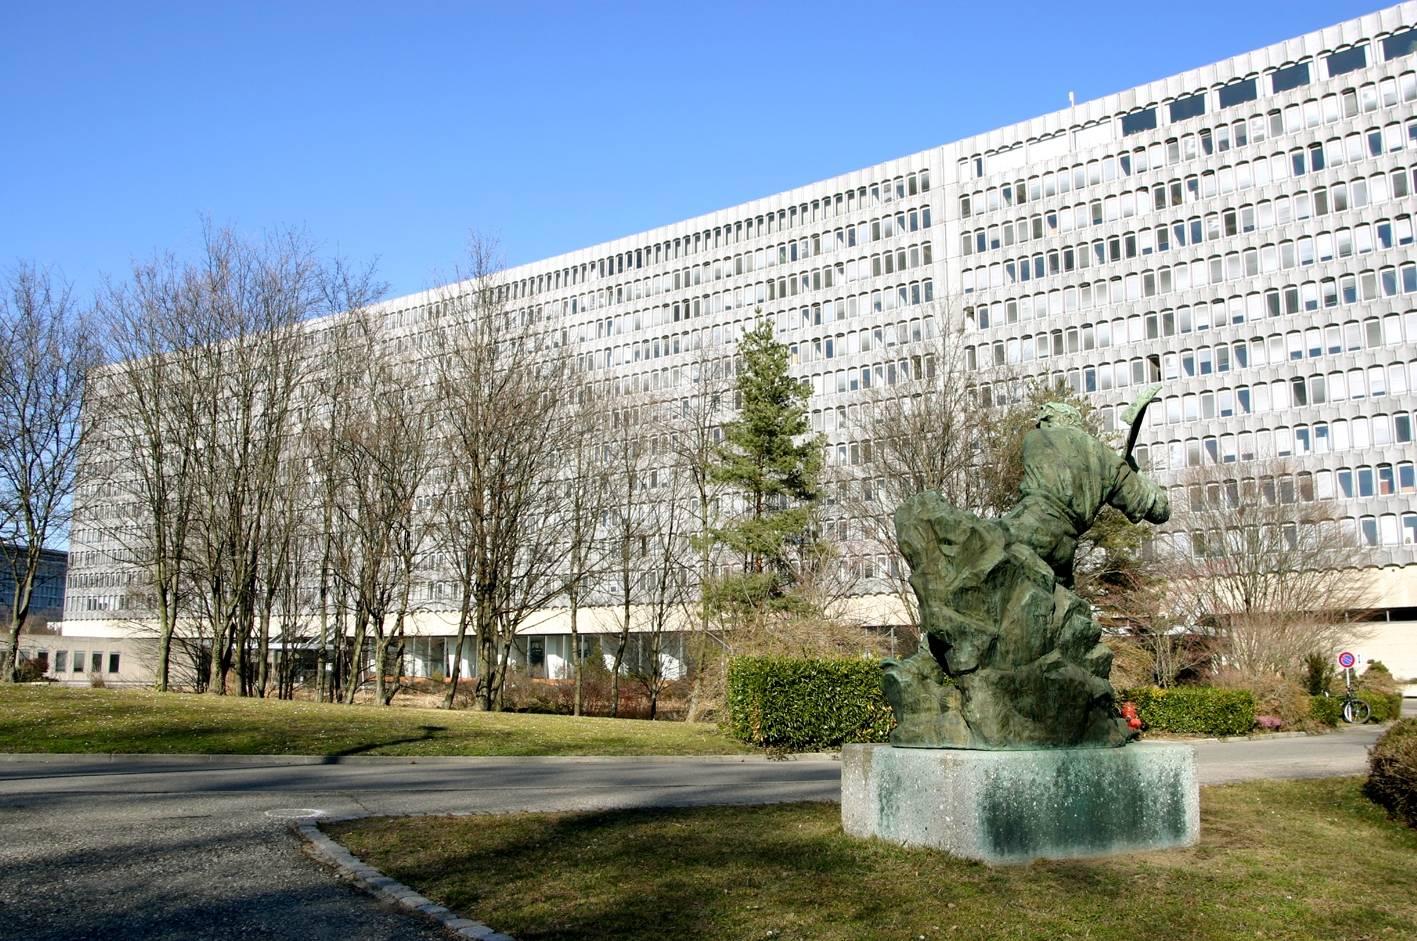 Den internasjonale arbeidsorganisasjonen (ILO)